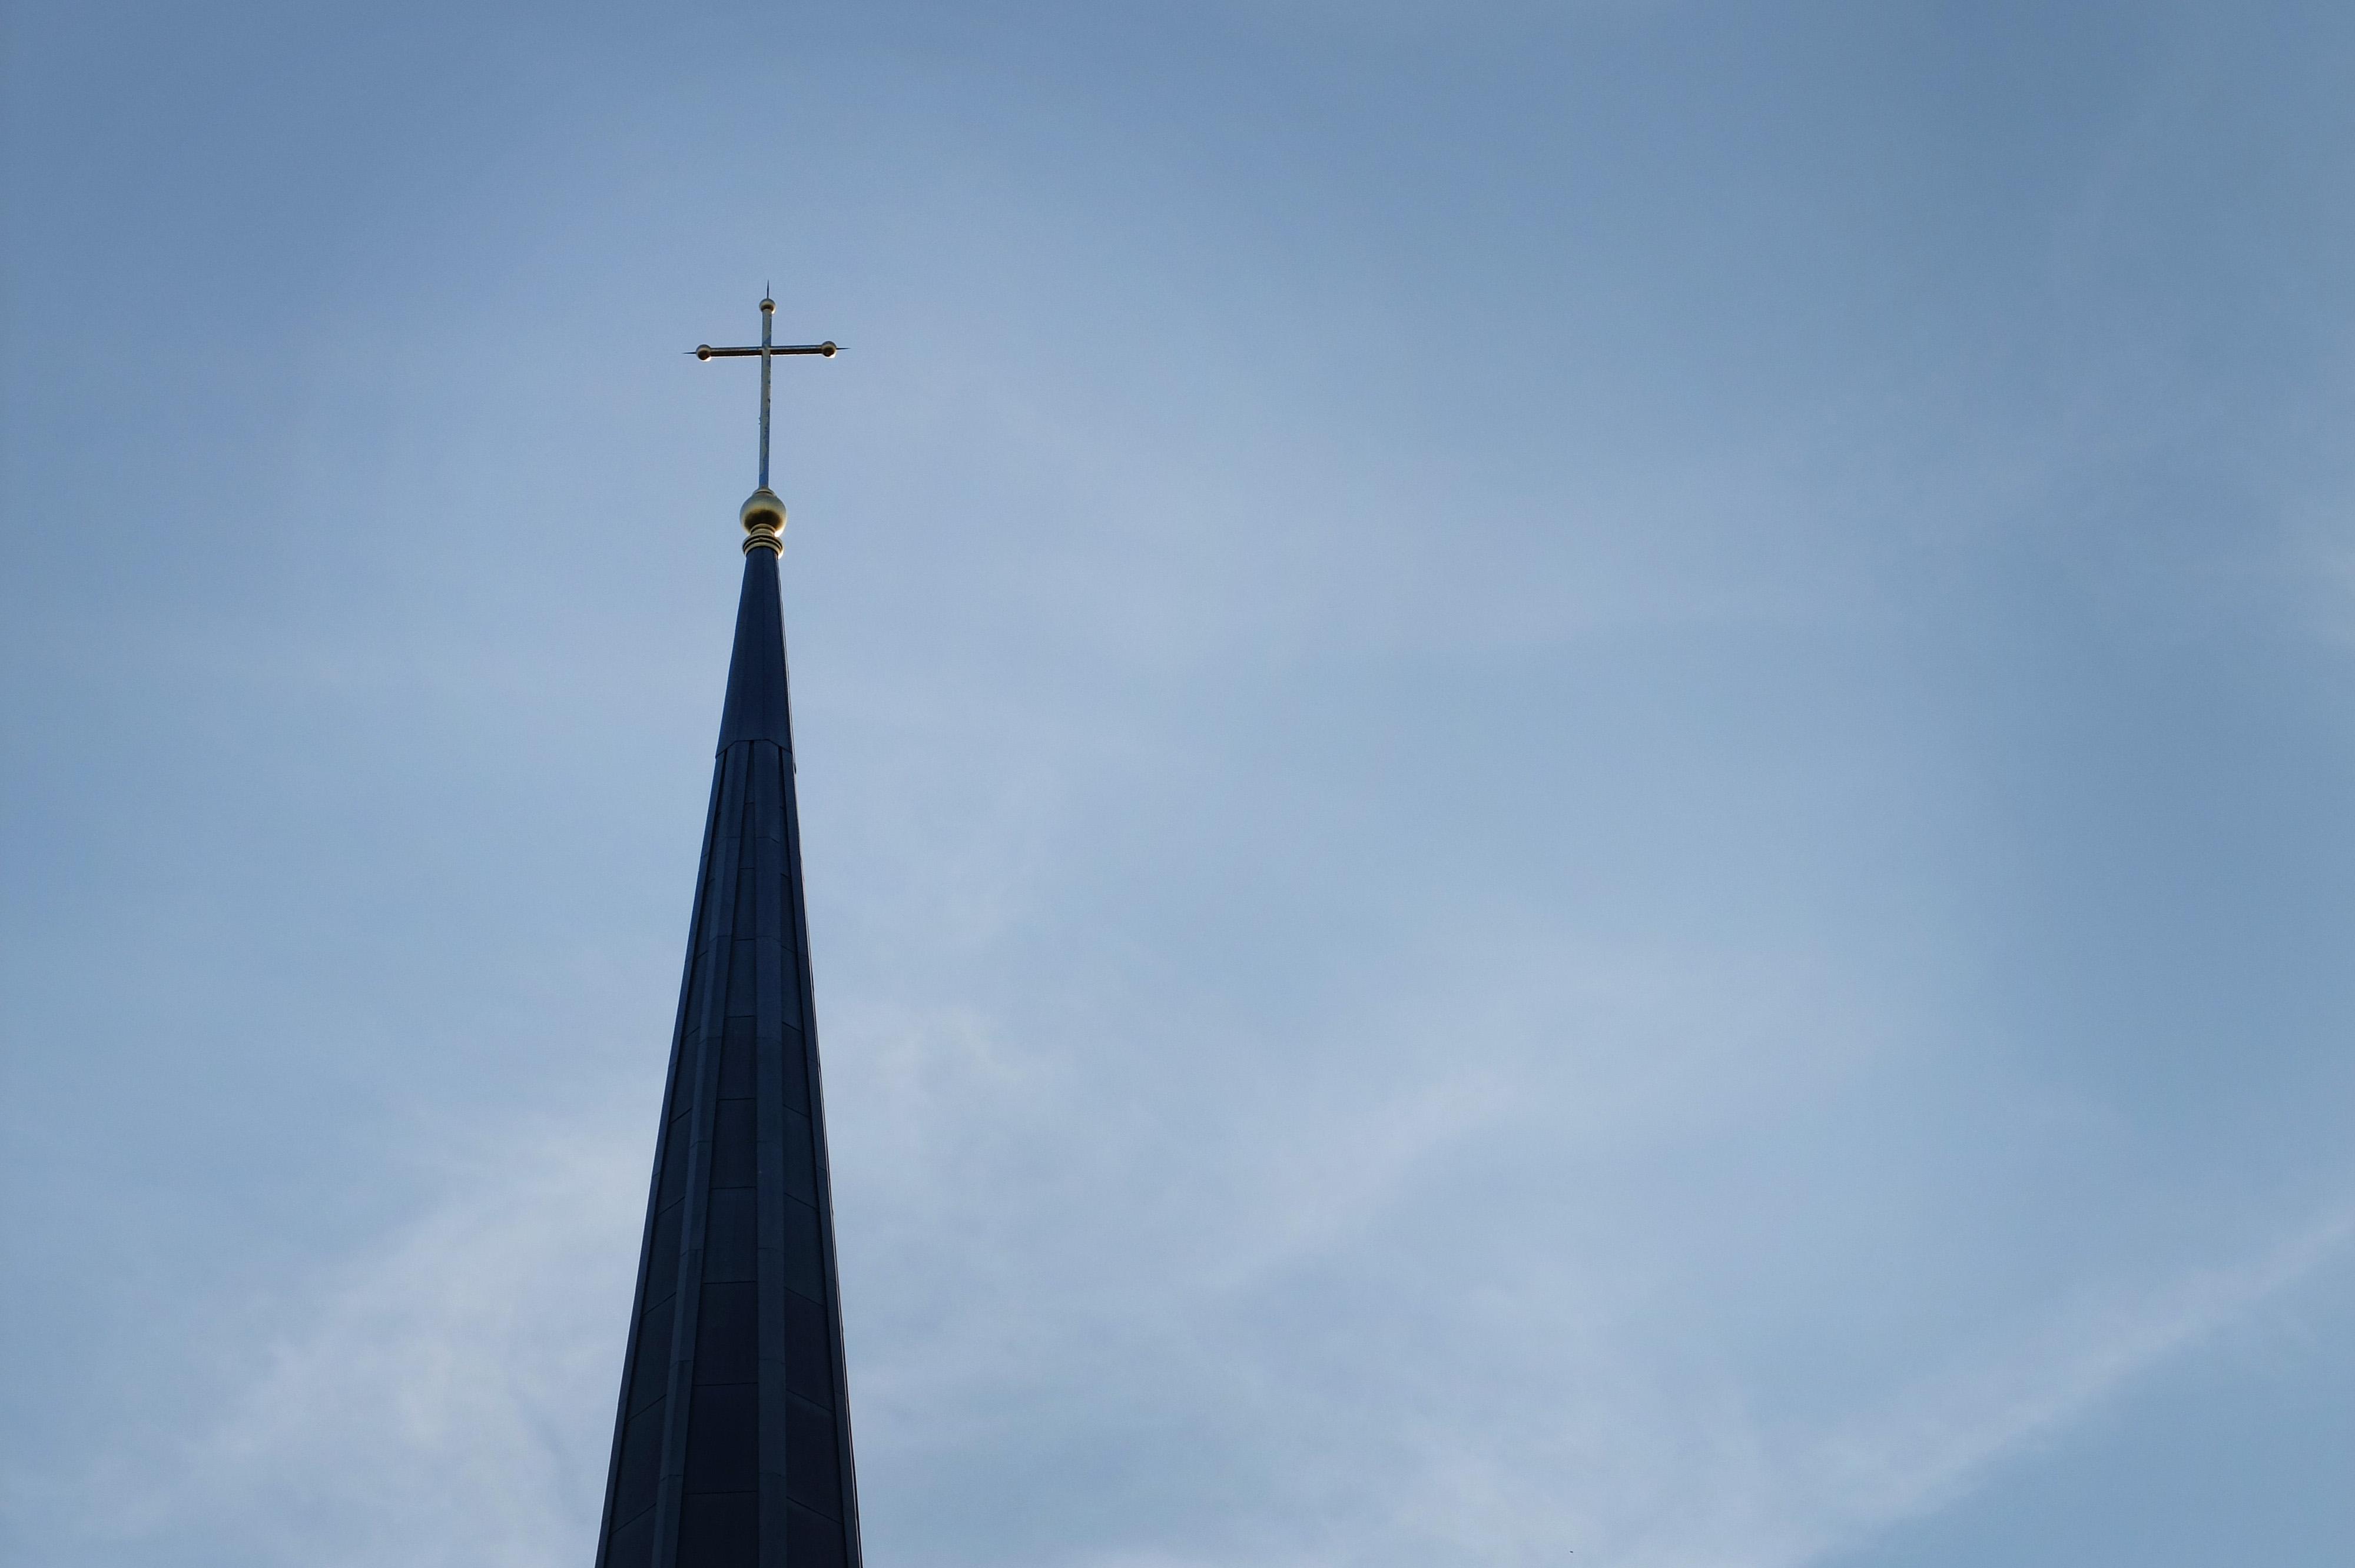 La cruz que descansa sobre el campanario de la capilla de Perkins School of Theology, en el campus de Southern Methodist University, en Dallas. Foto por Kathleen Barry, Comunicaciones Metodistas Unidas.